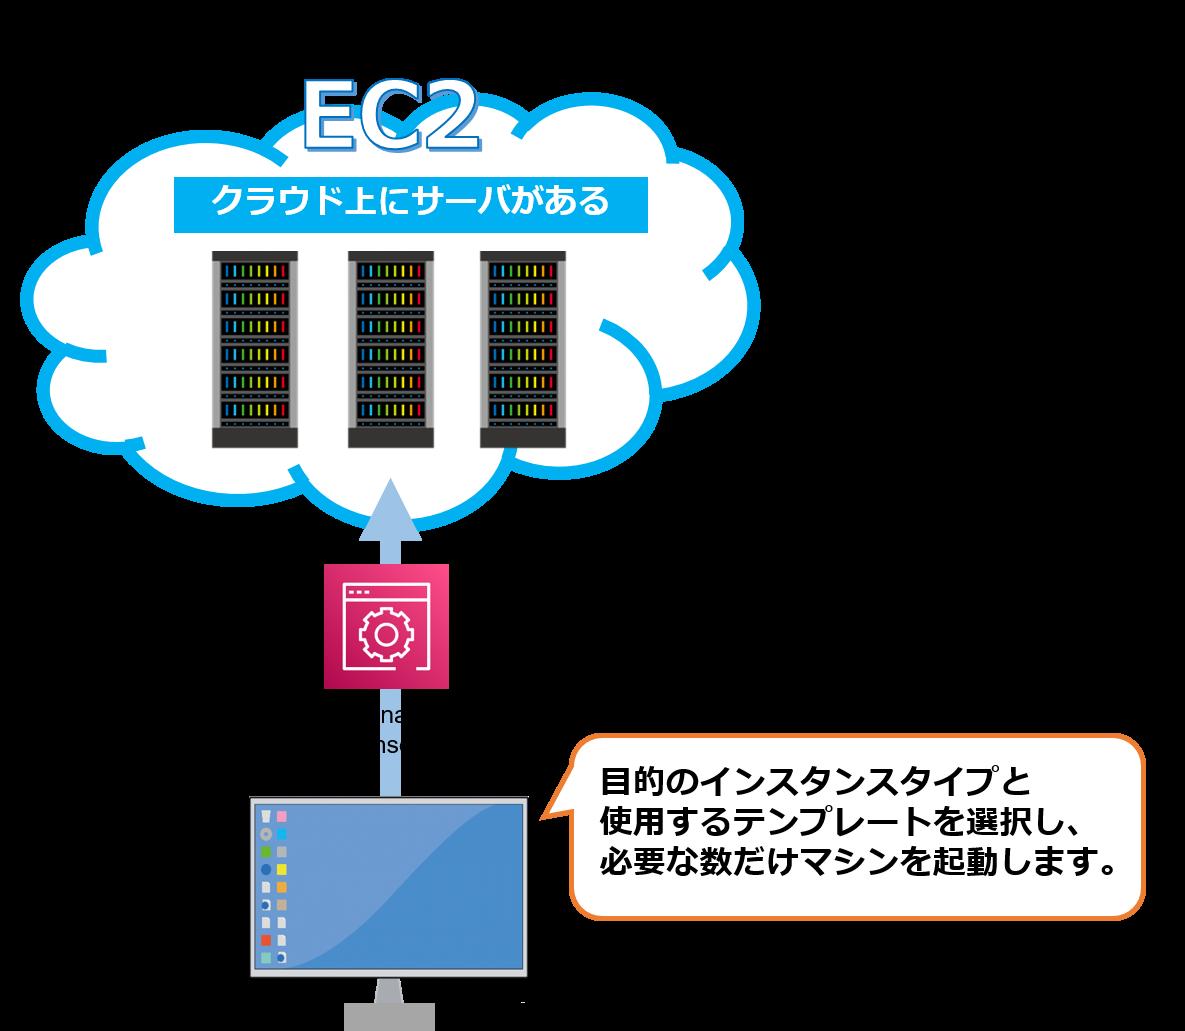 Amazon EC2の仕組み 目的のインスタンスタイプと使用するテンプレートを選択し、必要な数だけマシンを起動します。→Amazon API Gateway→EC2(クラウド上にサーバがある)